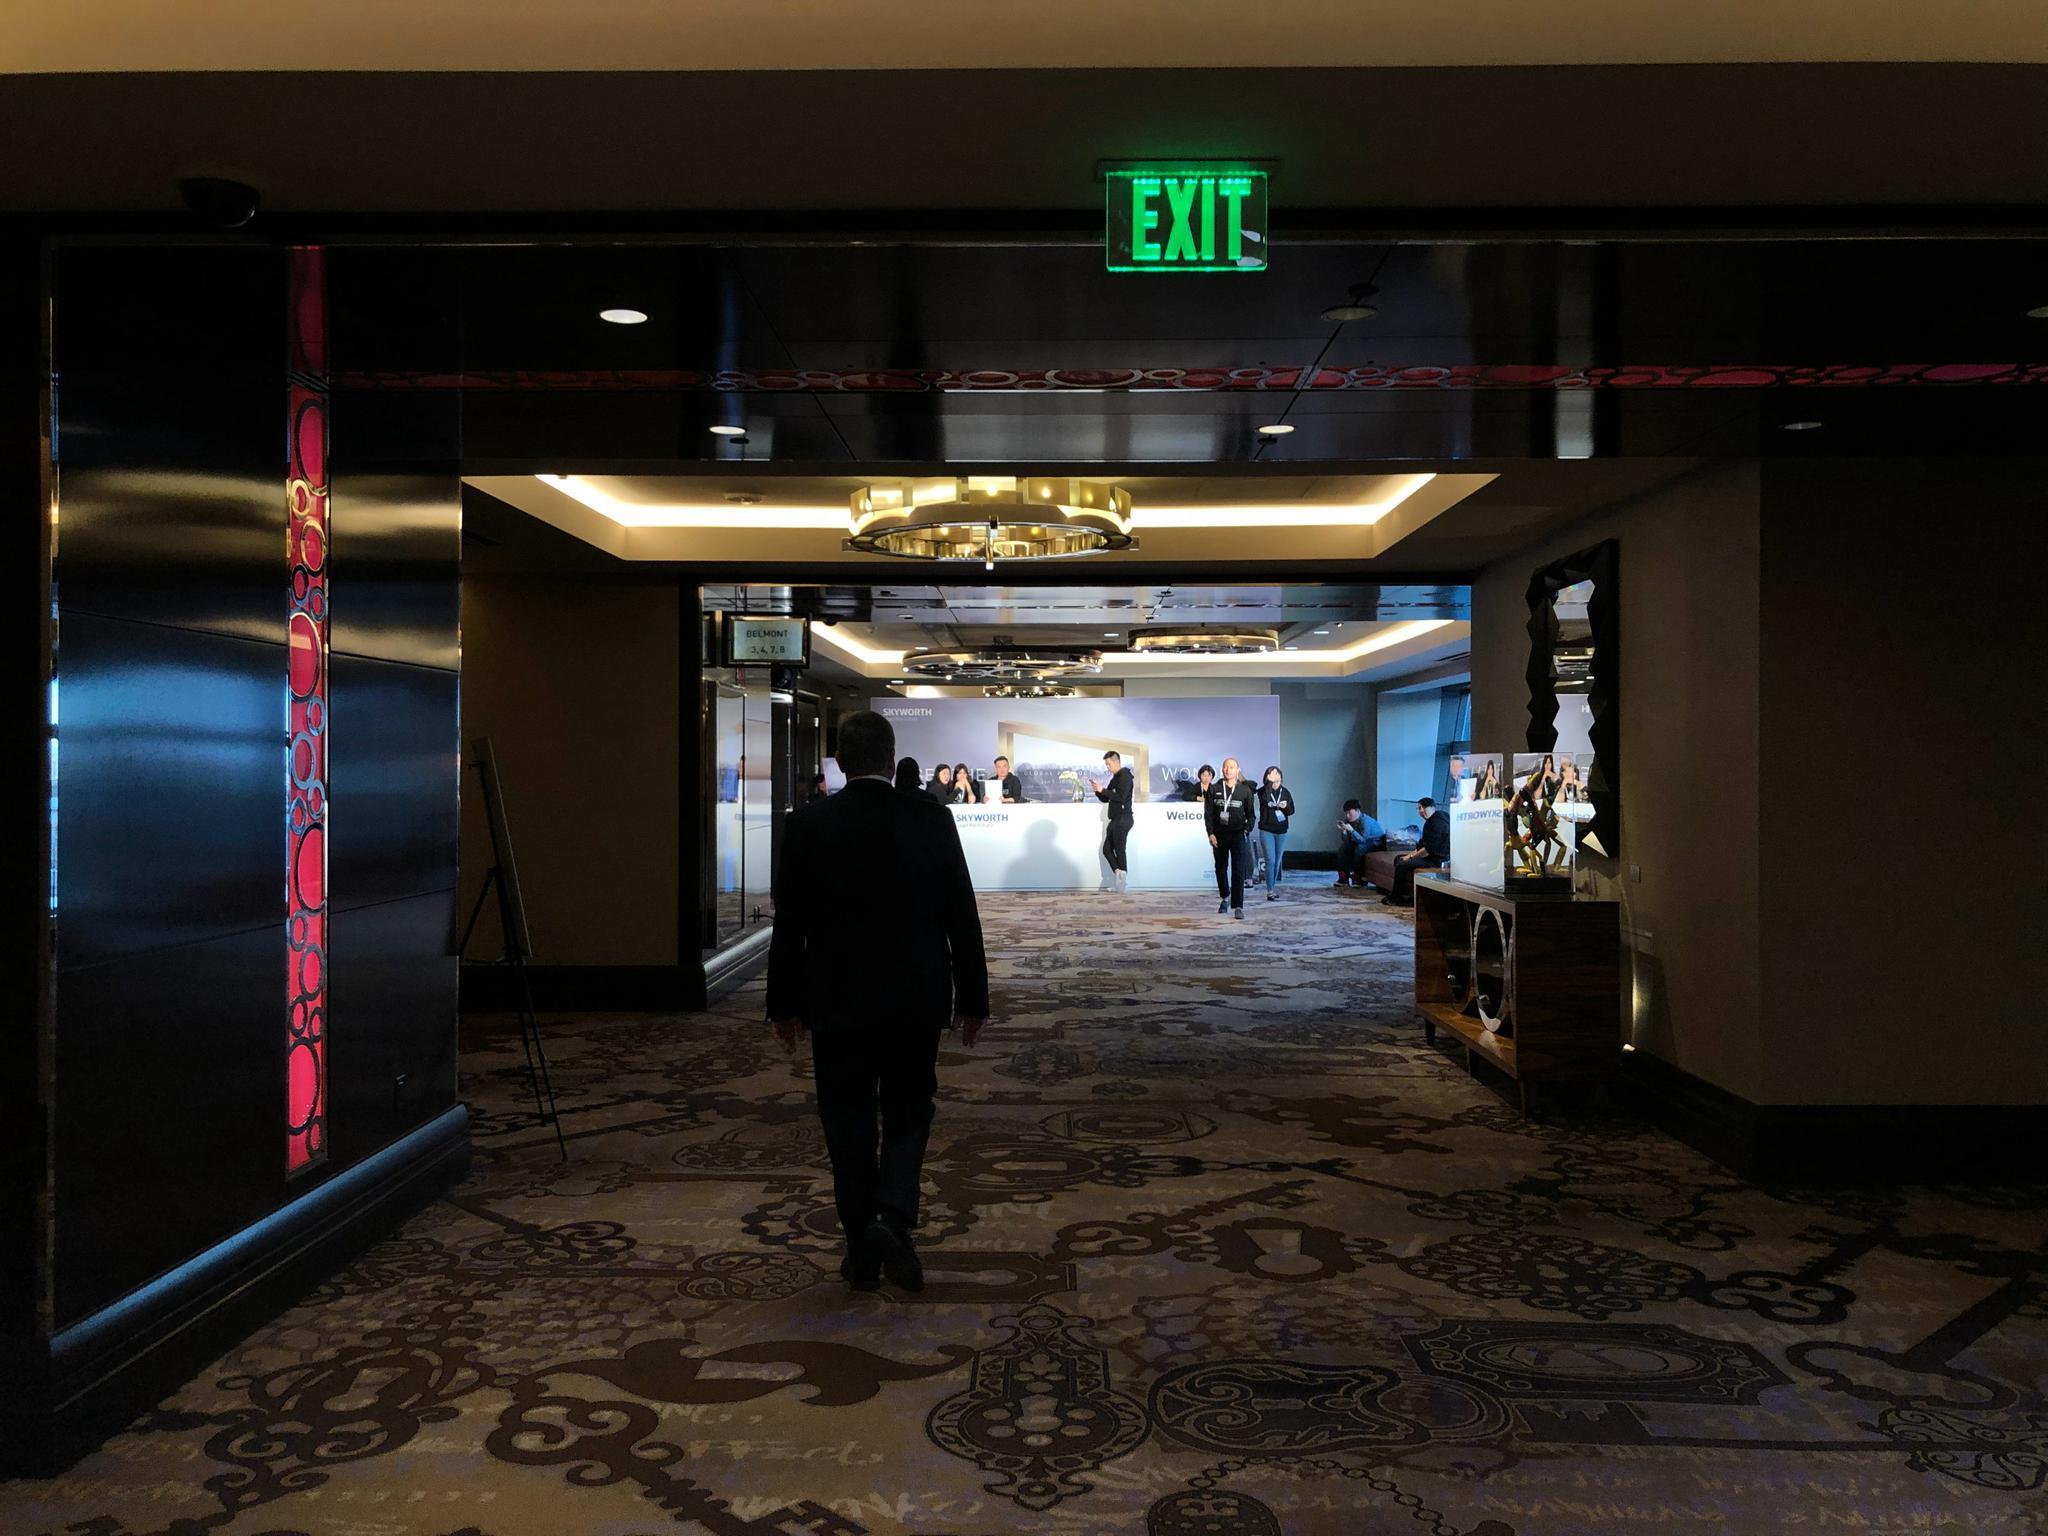 拉斯维加斯,当地时间1月5日 16:30,在拉斯维加斯大都会酒店